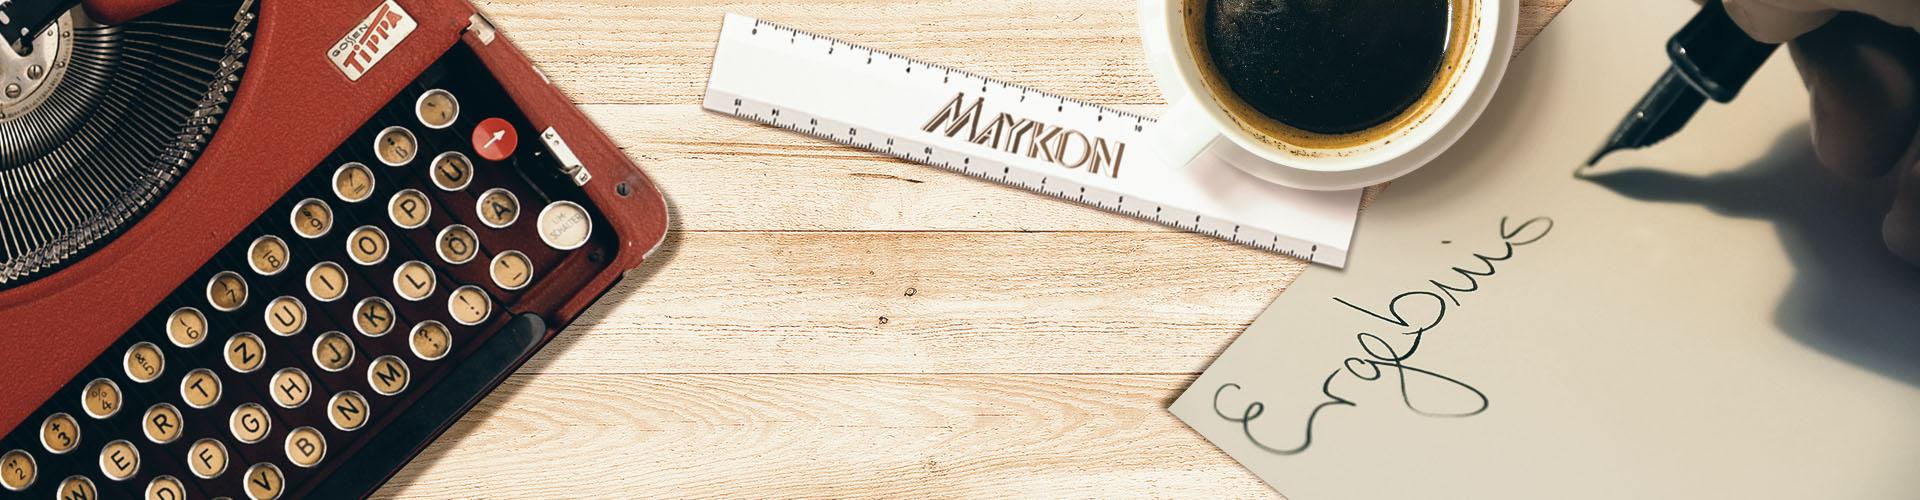 Maykon - Alles über Textbearbeitung und Training